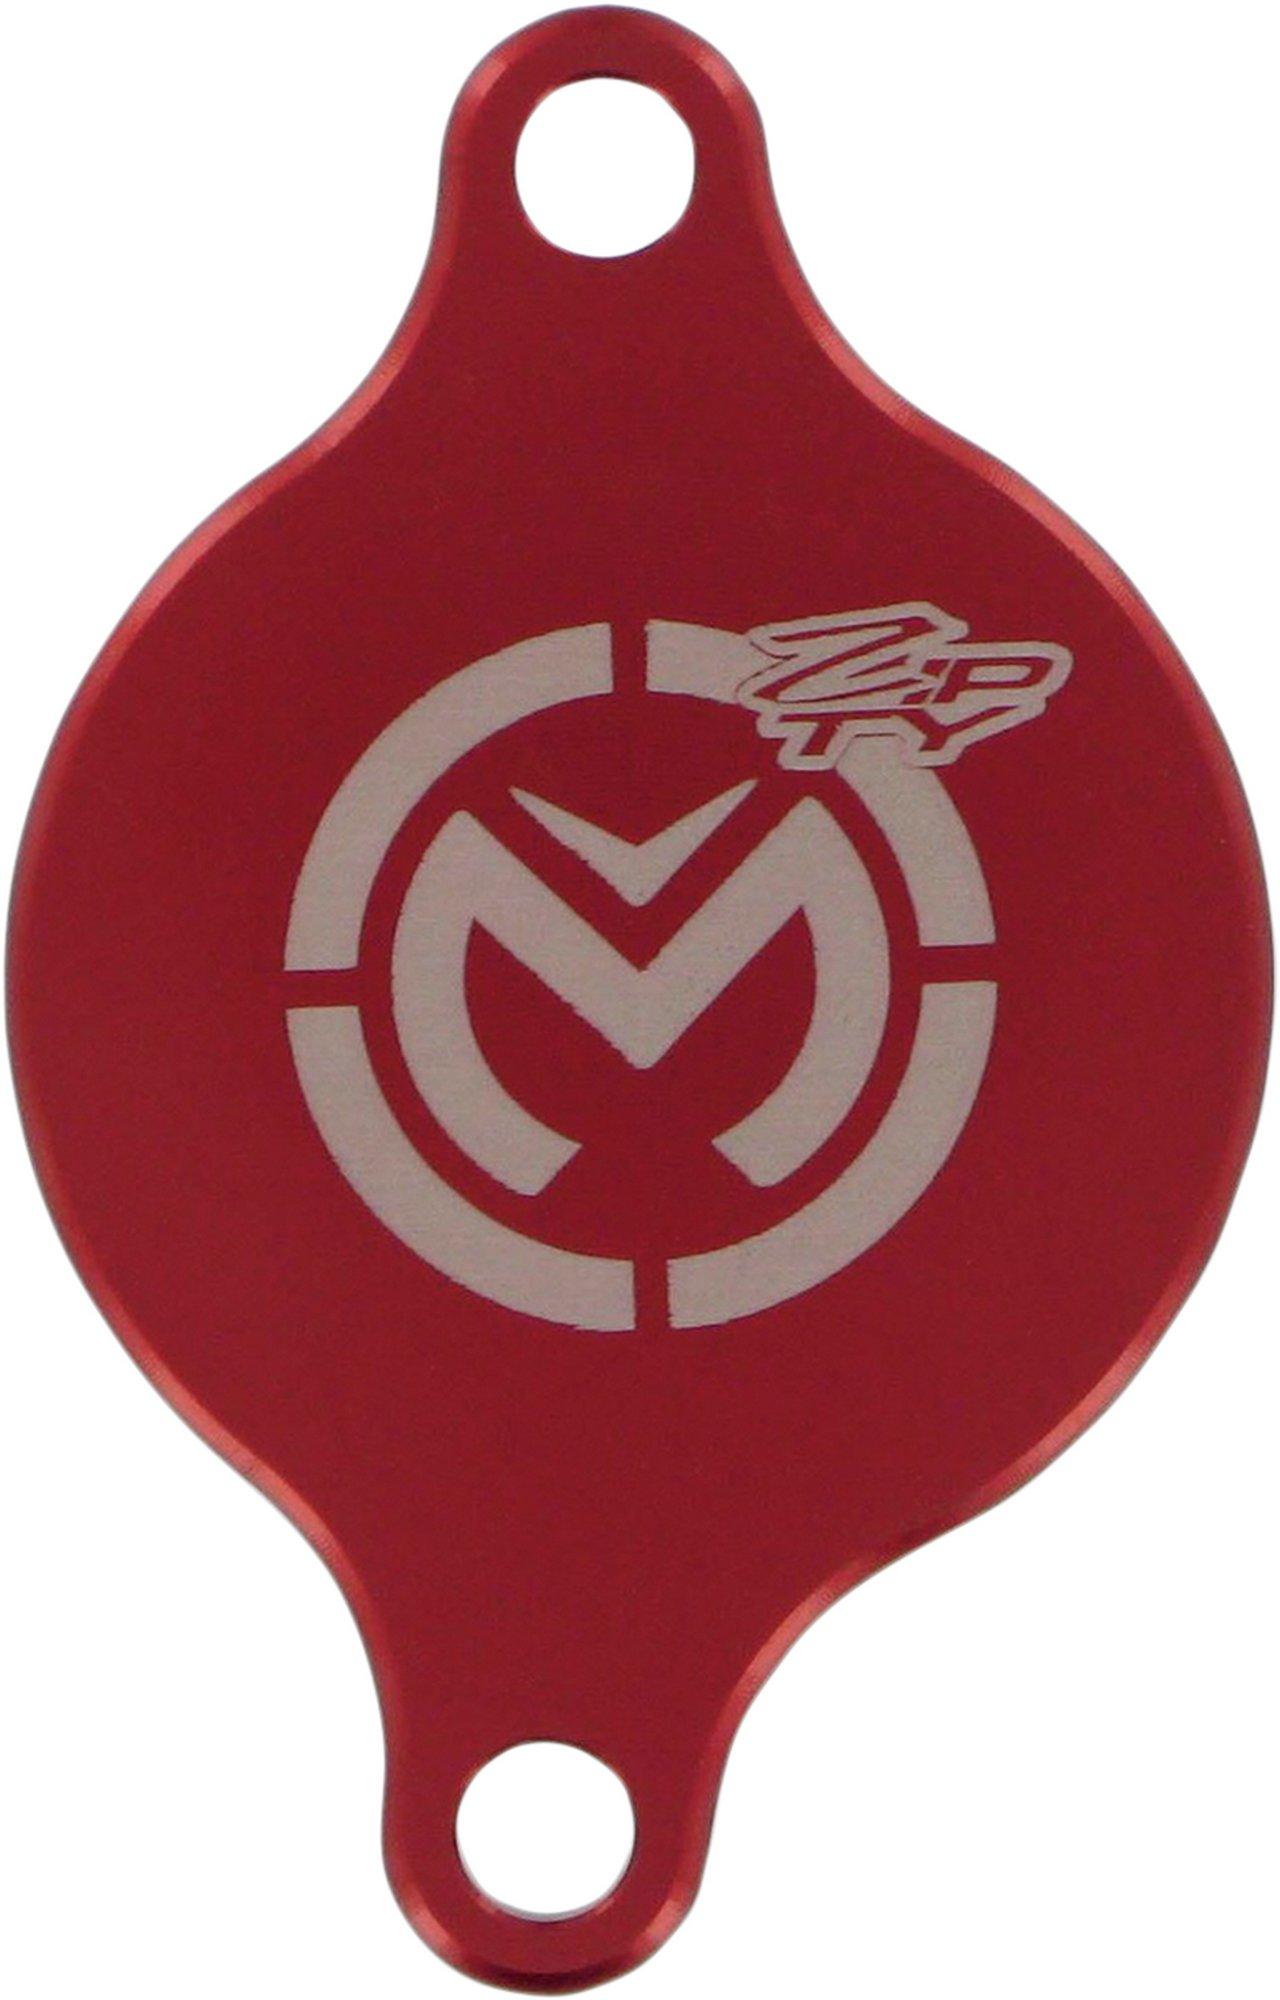 【MOOSE RACING】磁性機油濾芯蓋 ZIP-TY [0940-0725] - 「Webike-摩托百貨」